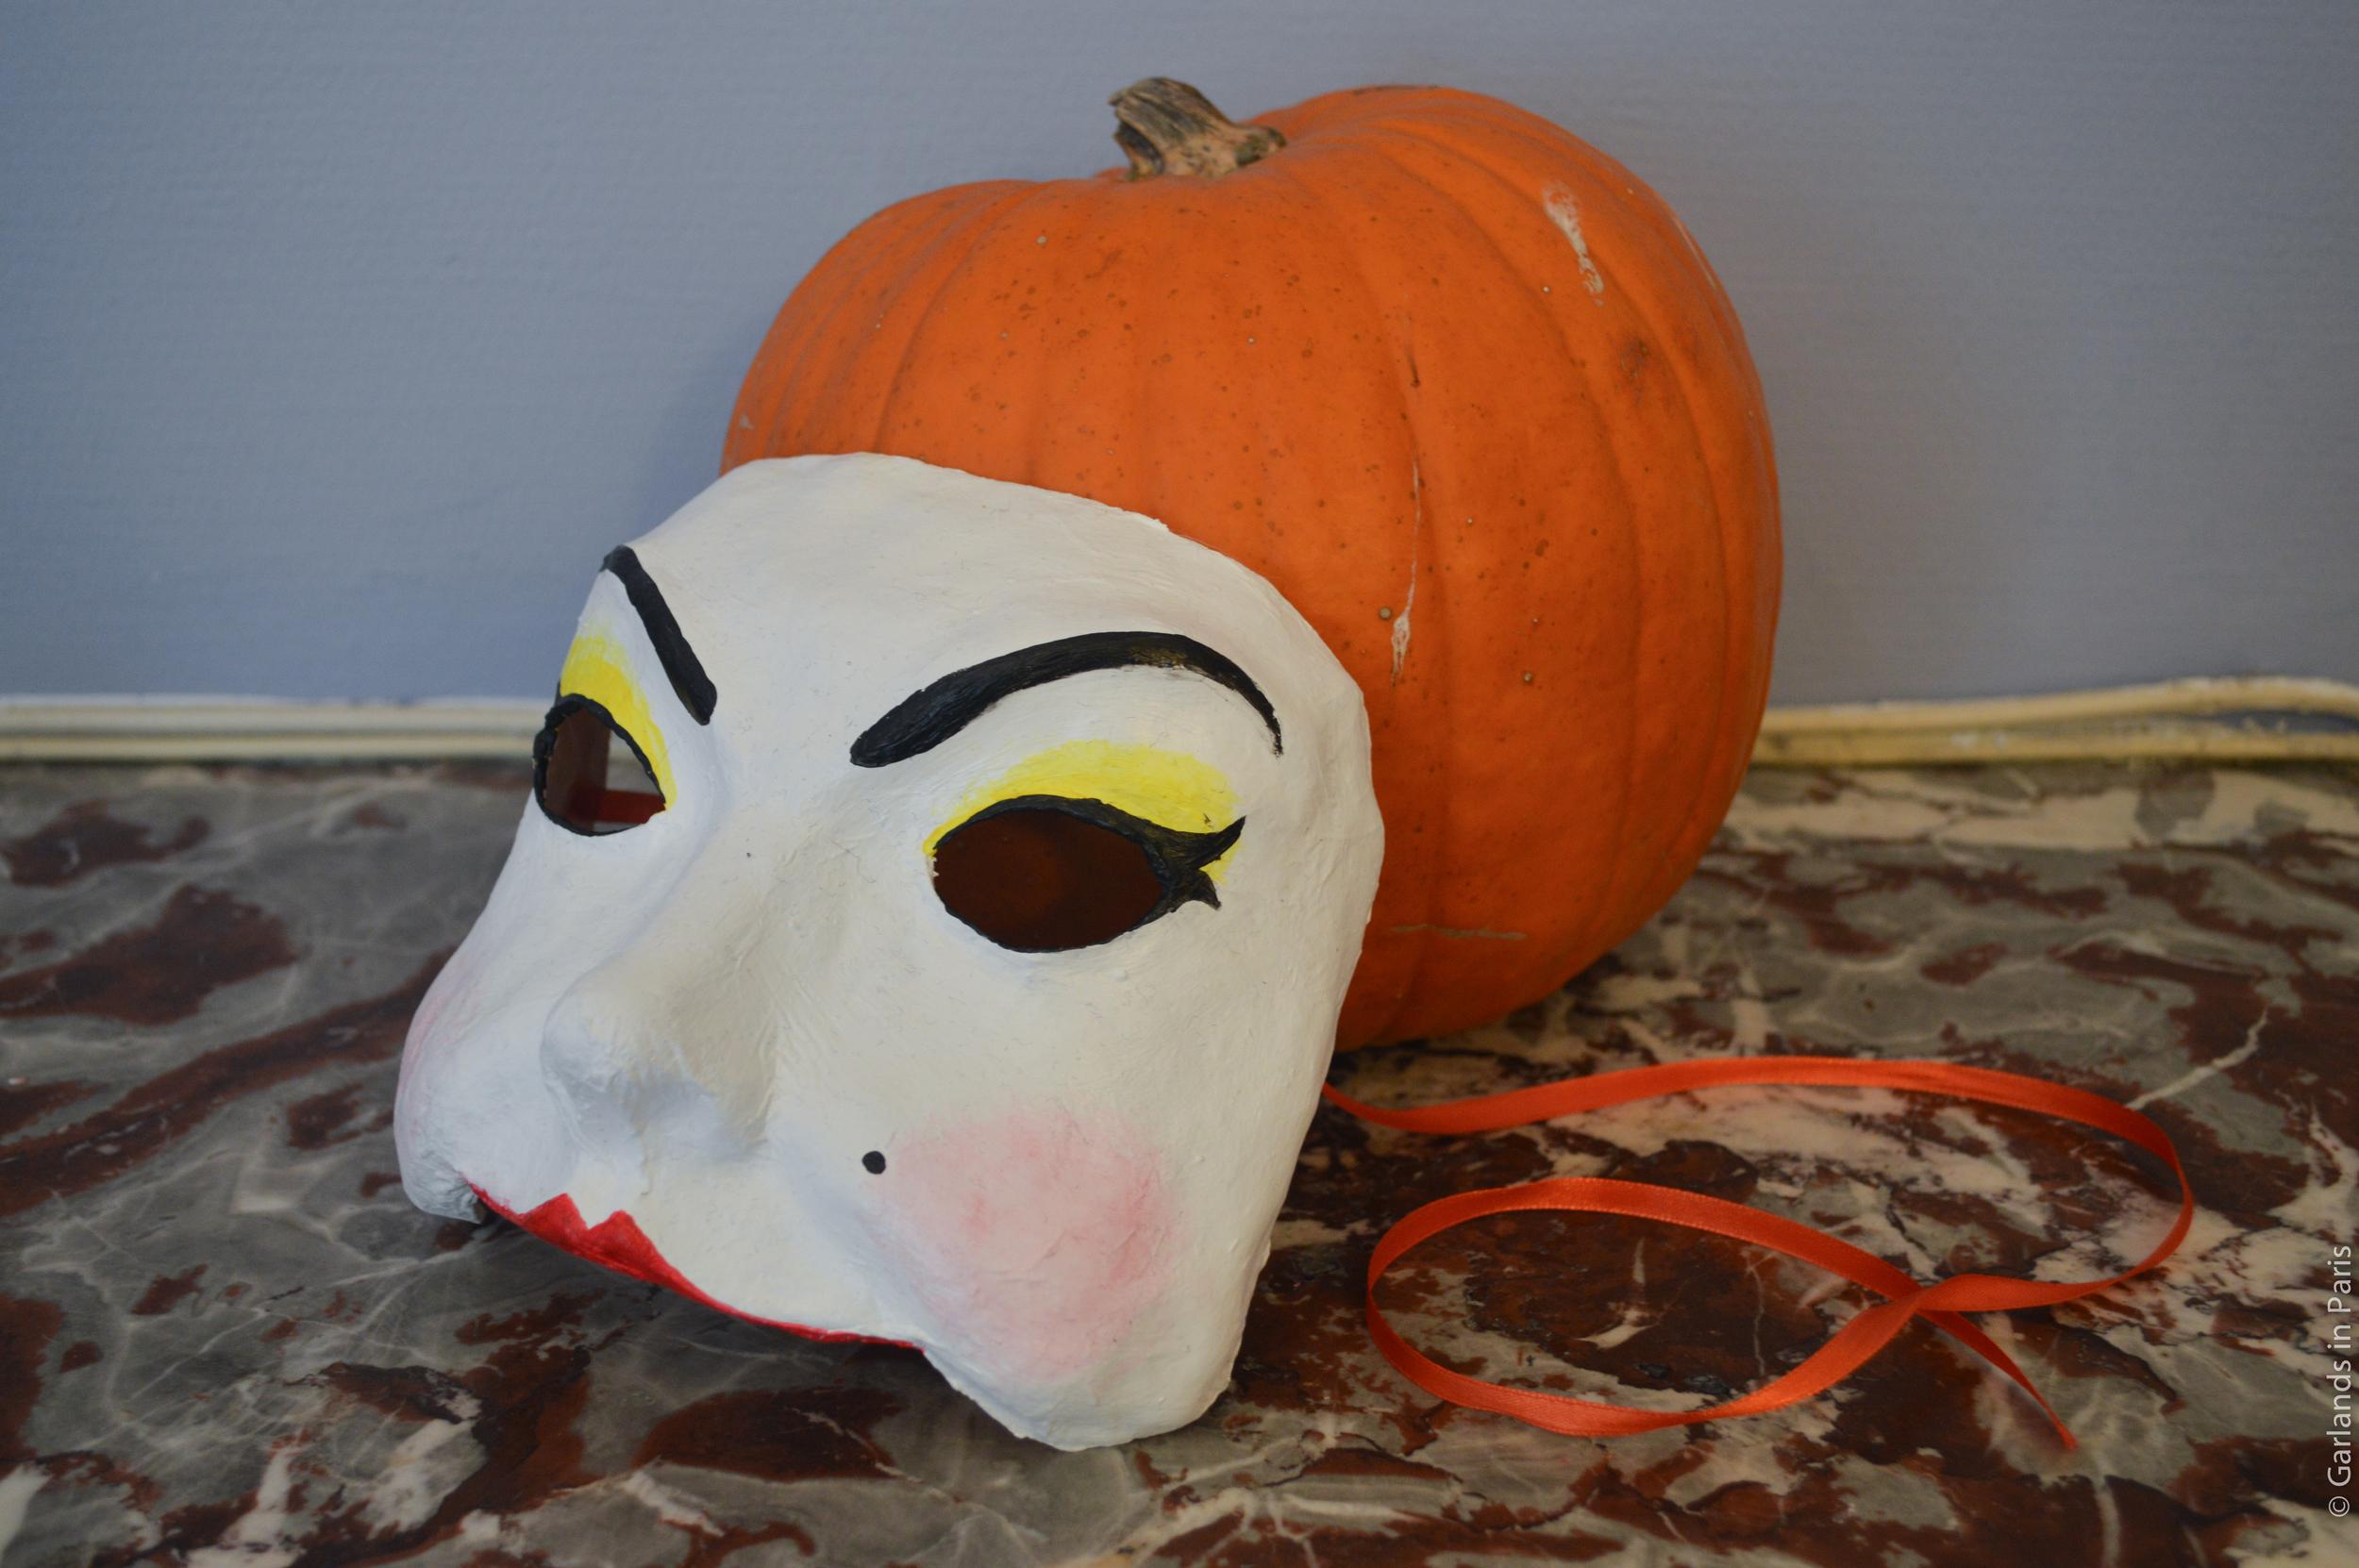 Papier Mache Mask Pumpkin